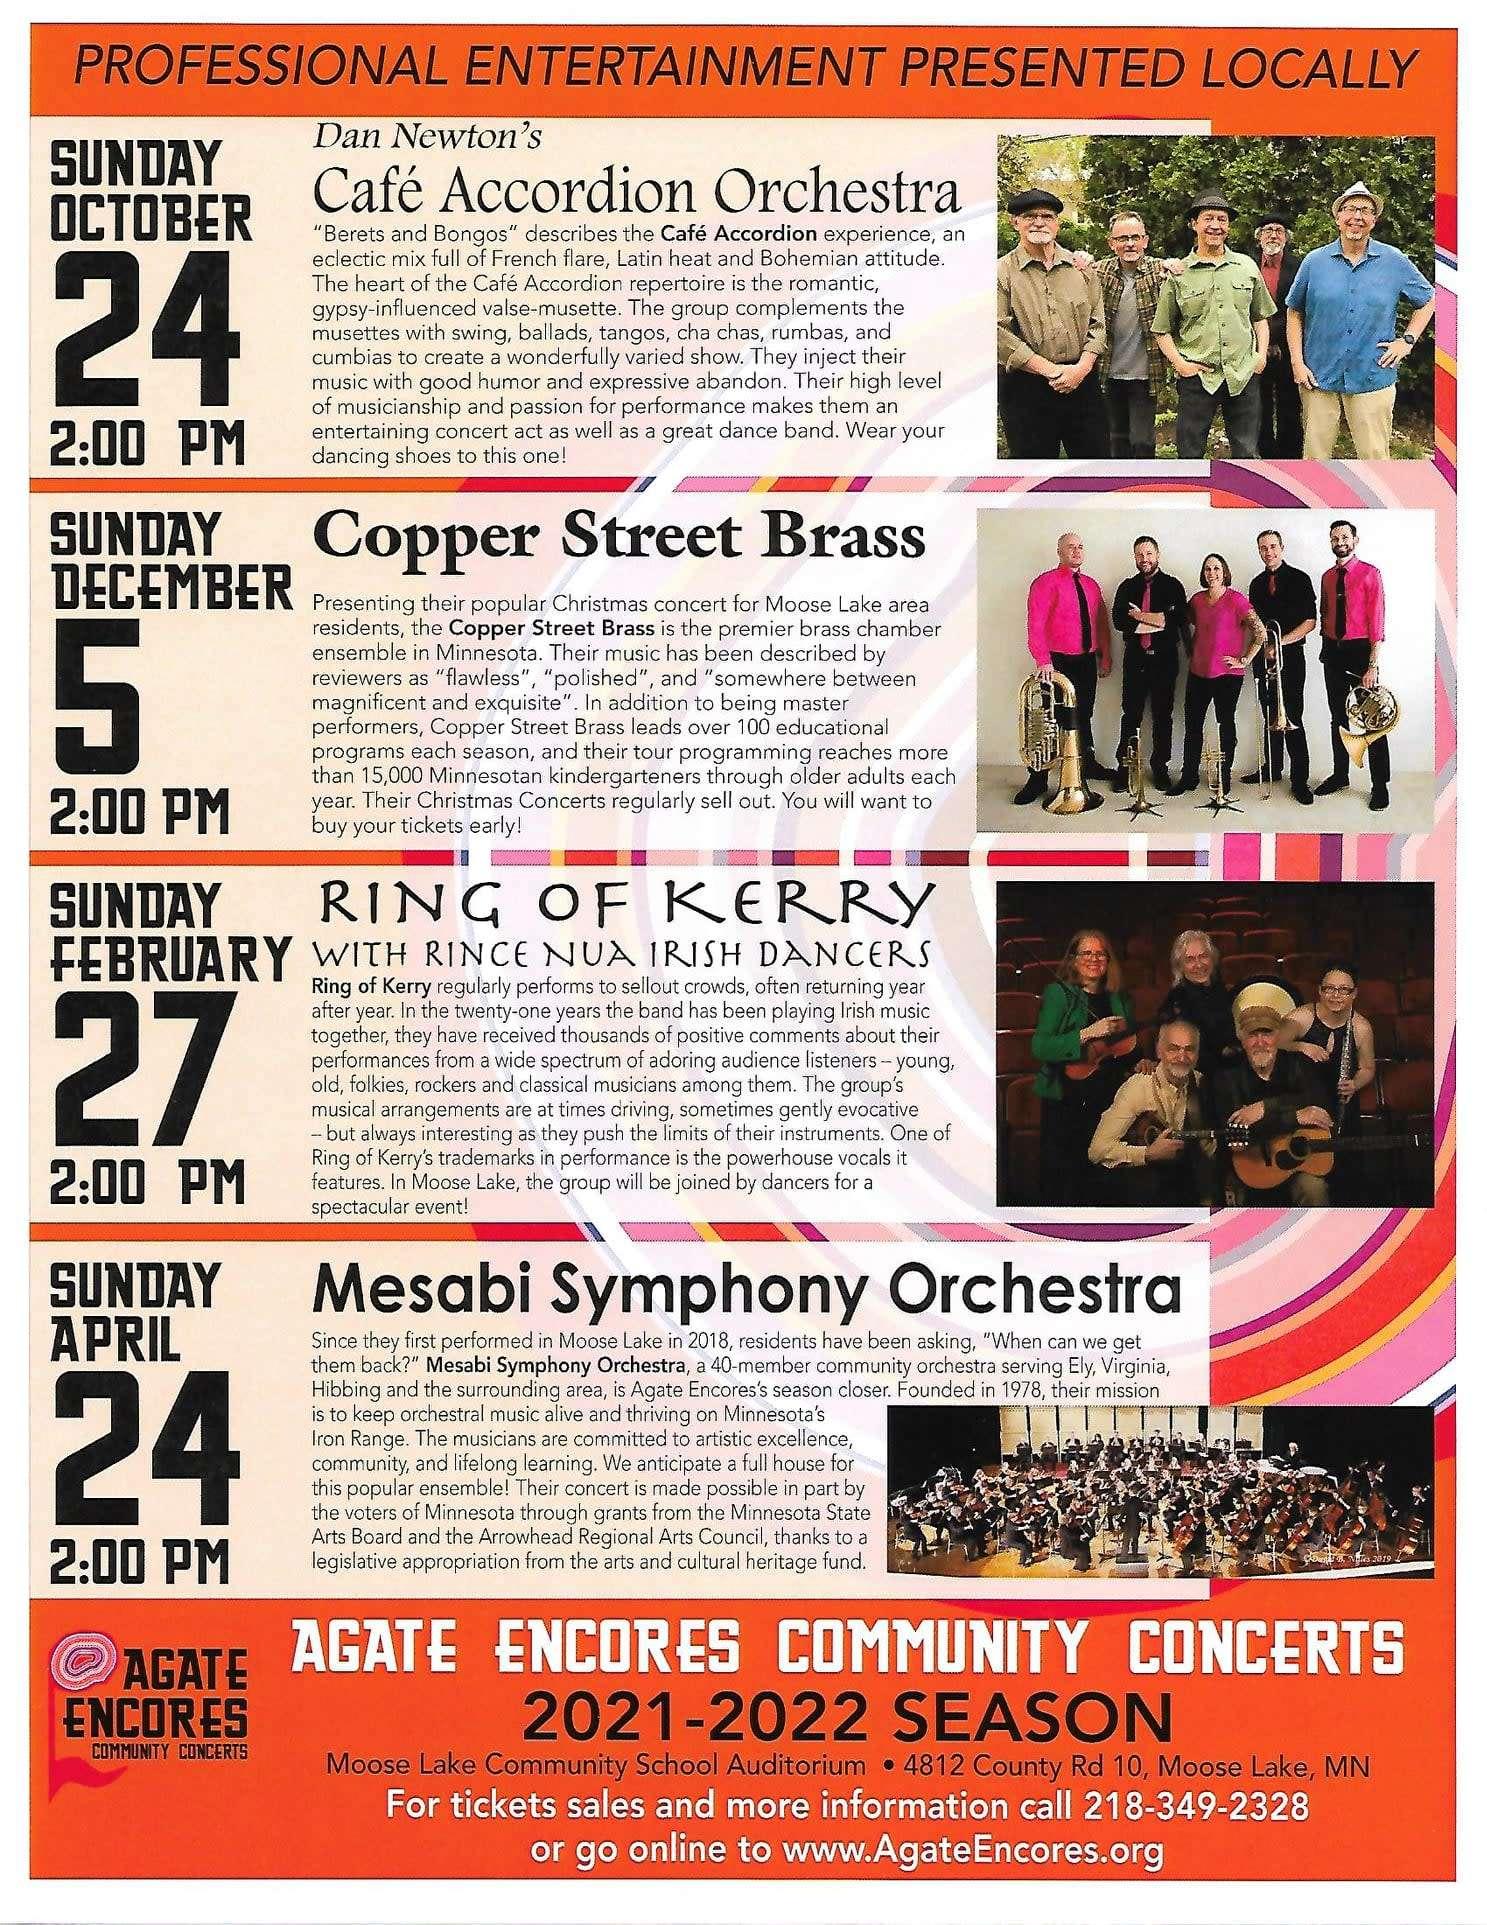 agate encores concert series flyer